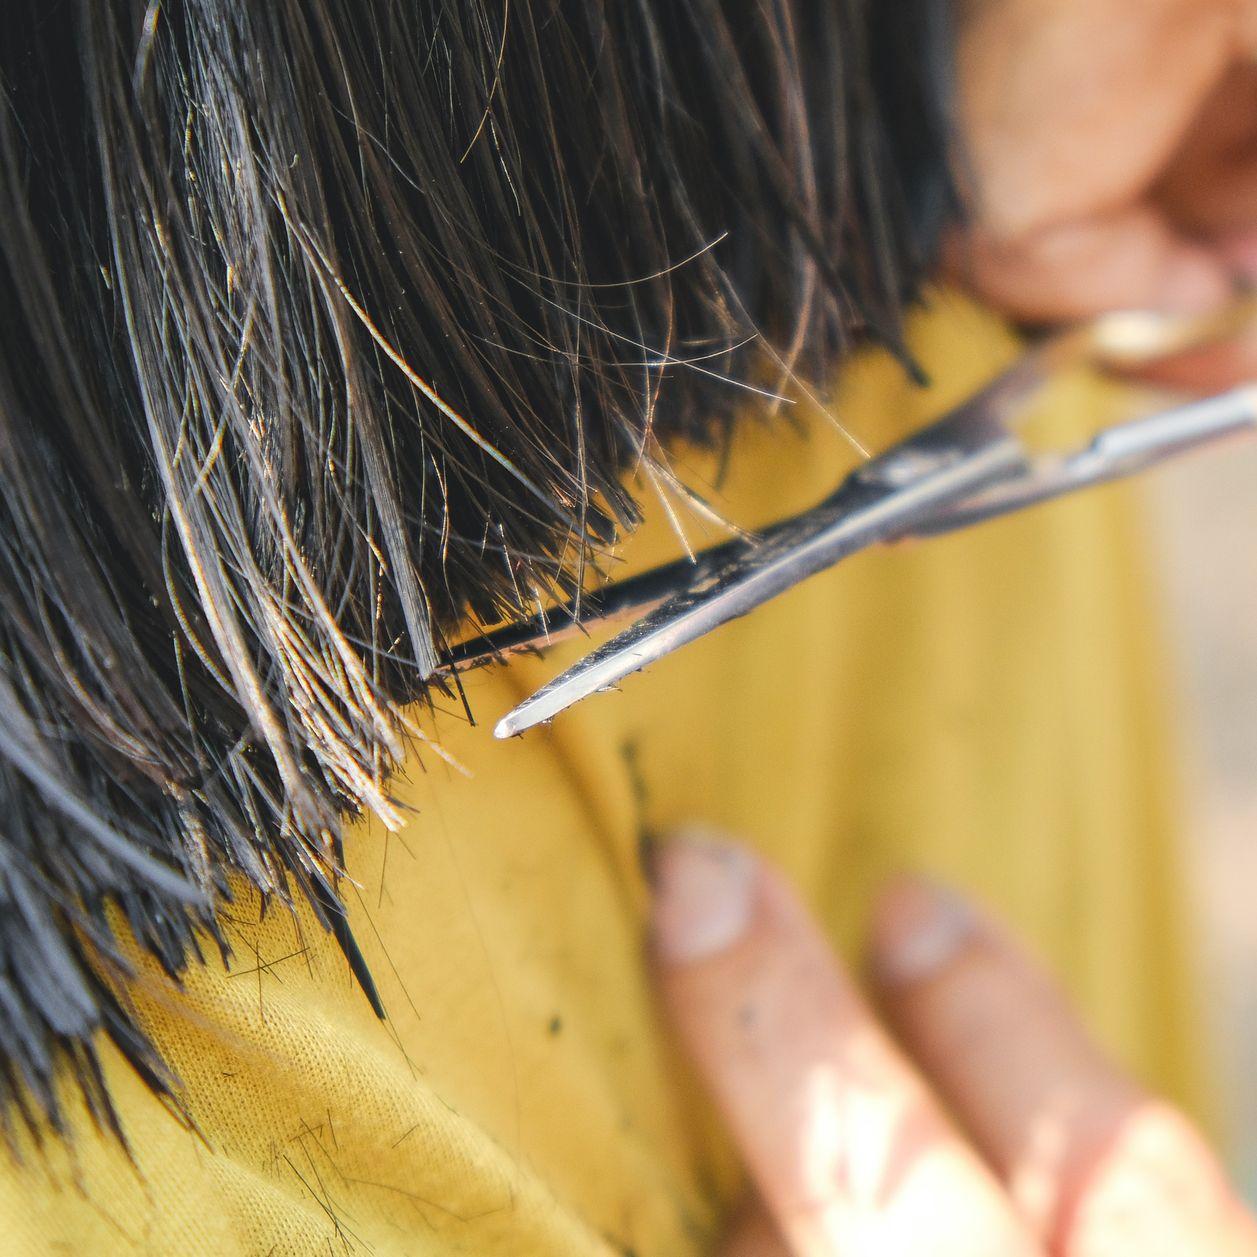 Sa coupe de cheveux est ratée : elle touche 230000euros de dommages et intérêts